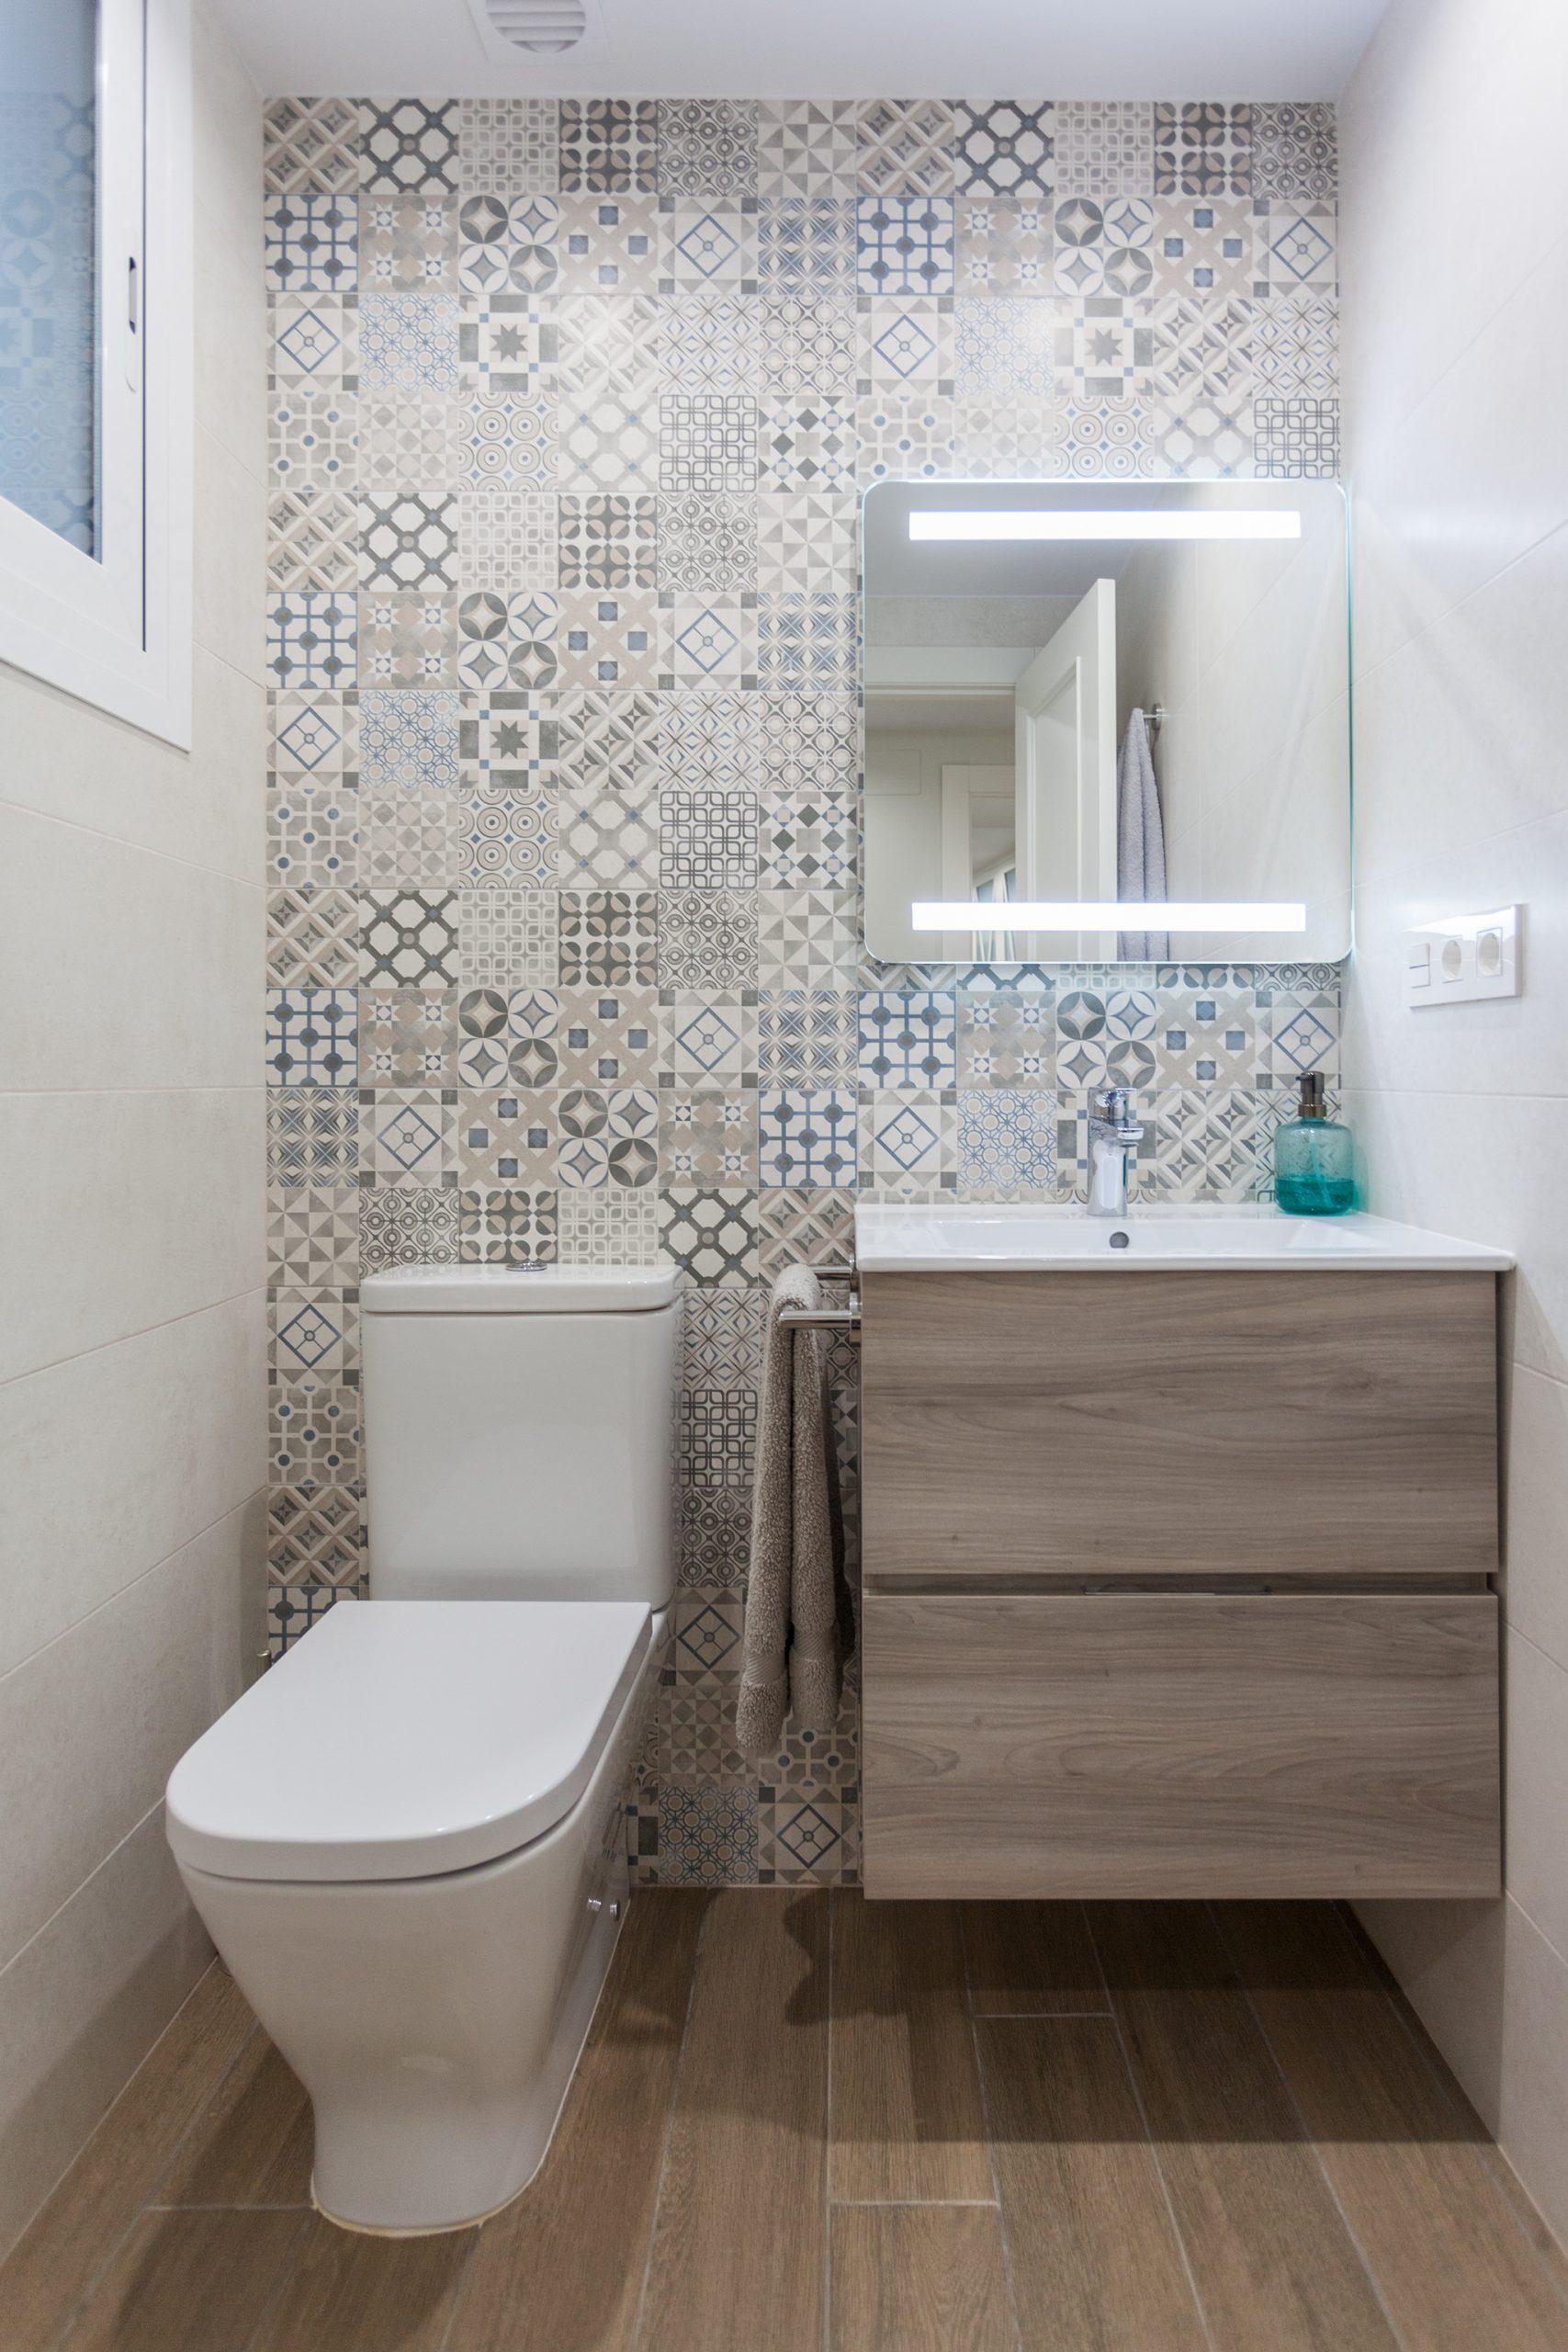 Baño – Fotografía Inmobiliaria, Arquitectura y Reformas – Sefora Camazano Fotografía